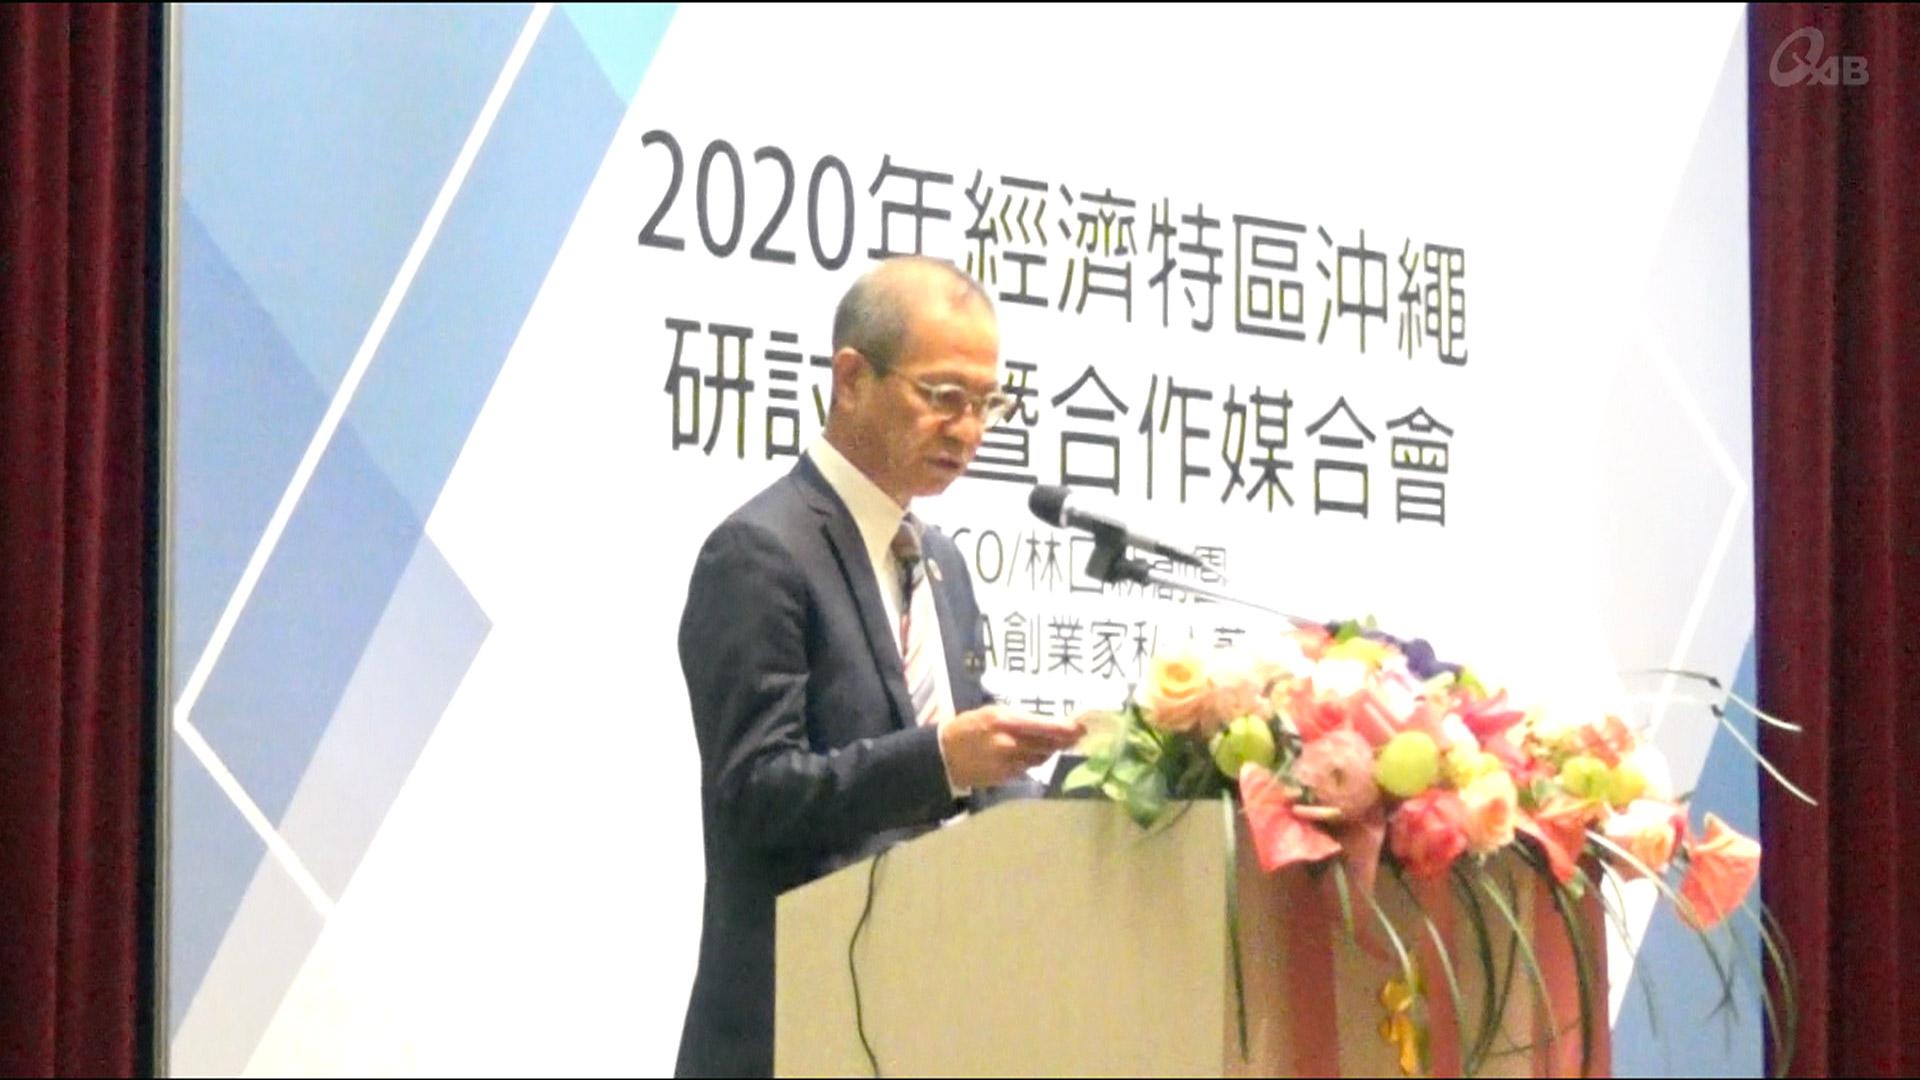 台湾で県主催の経済セミナー&商談会